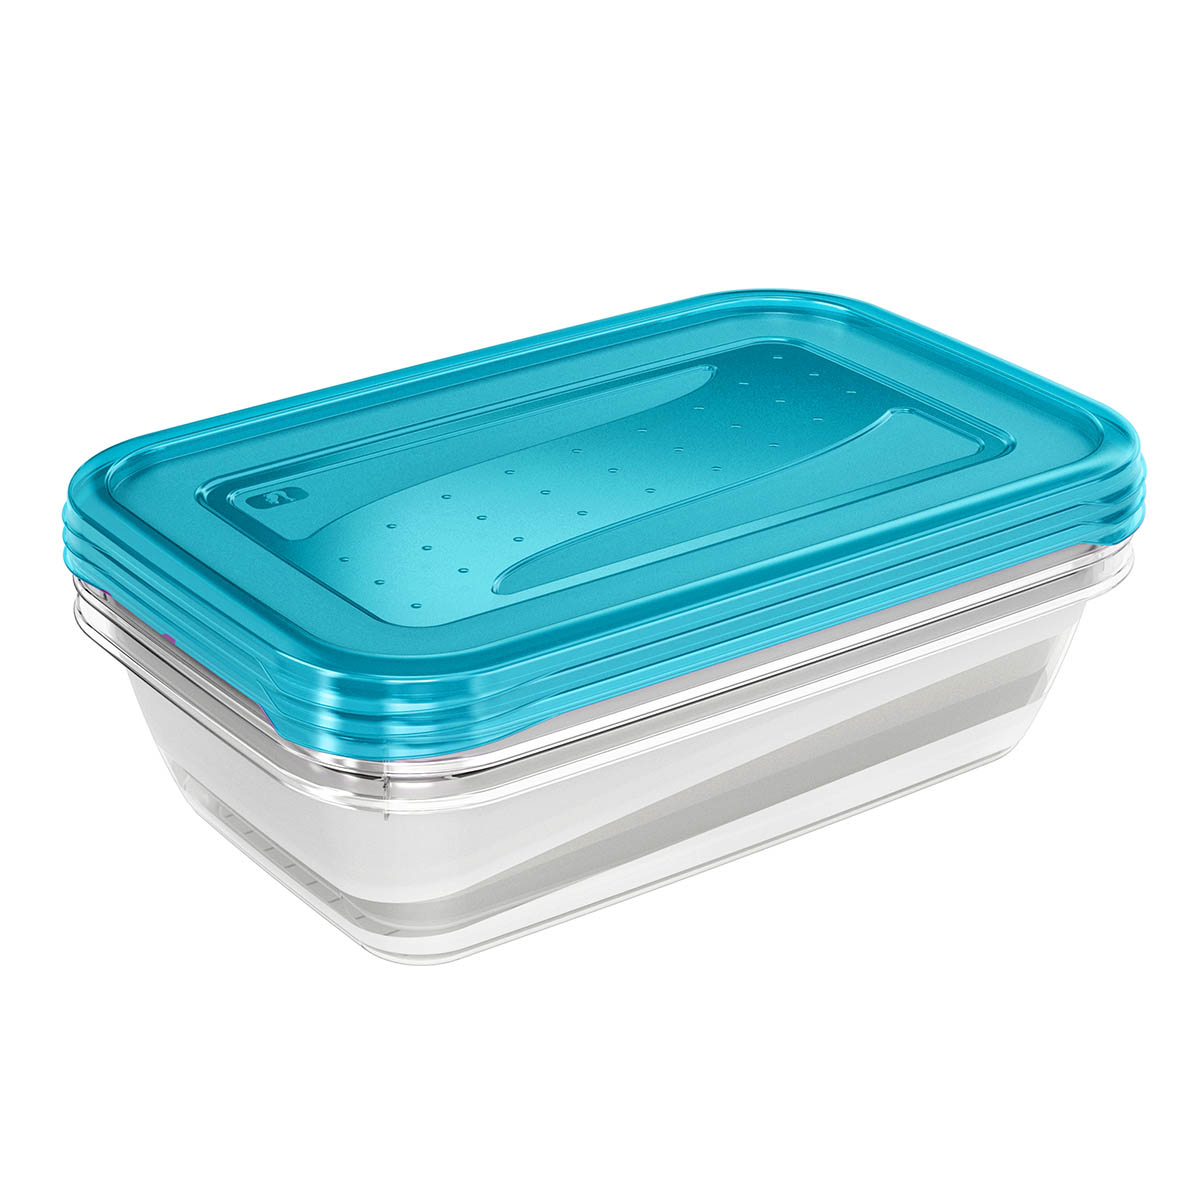 5x keeeper Frischhaltedose fredo fresh 0,5 Liter Aufbewahrungsdosen Vorratsdosen